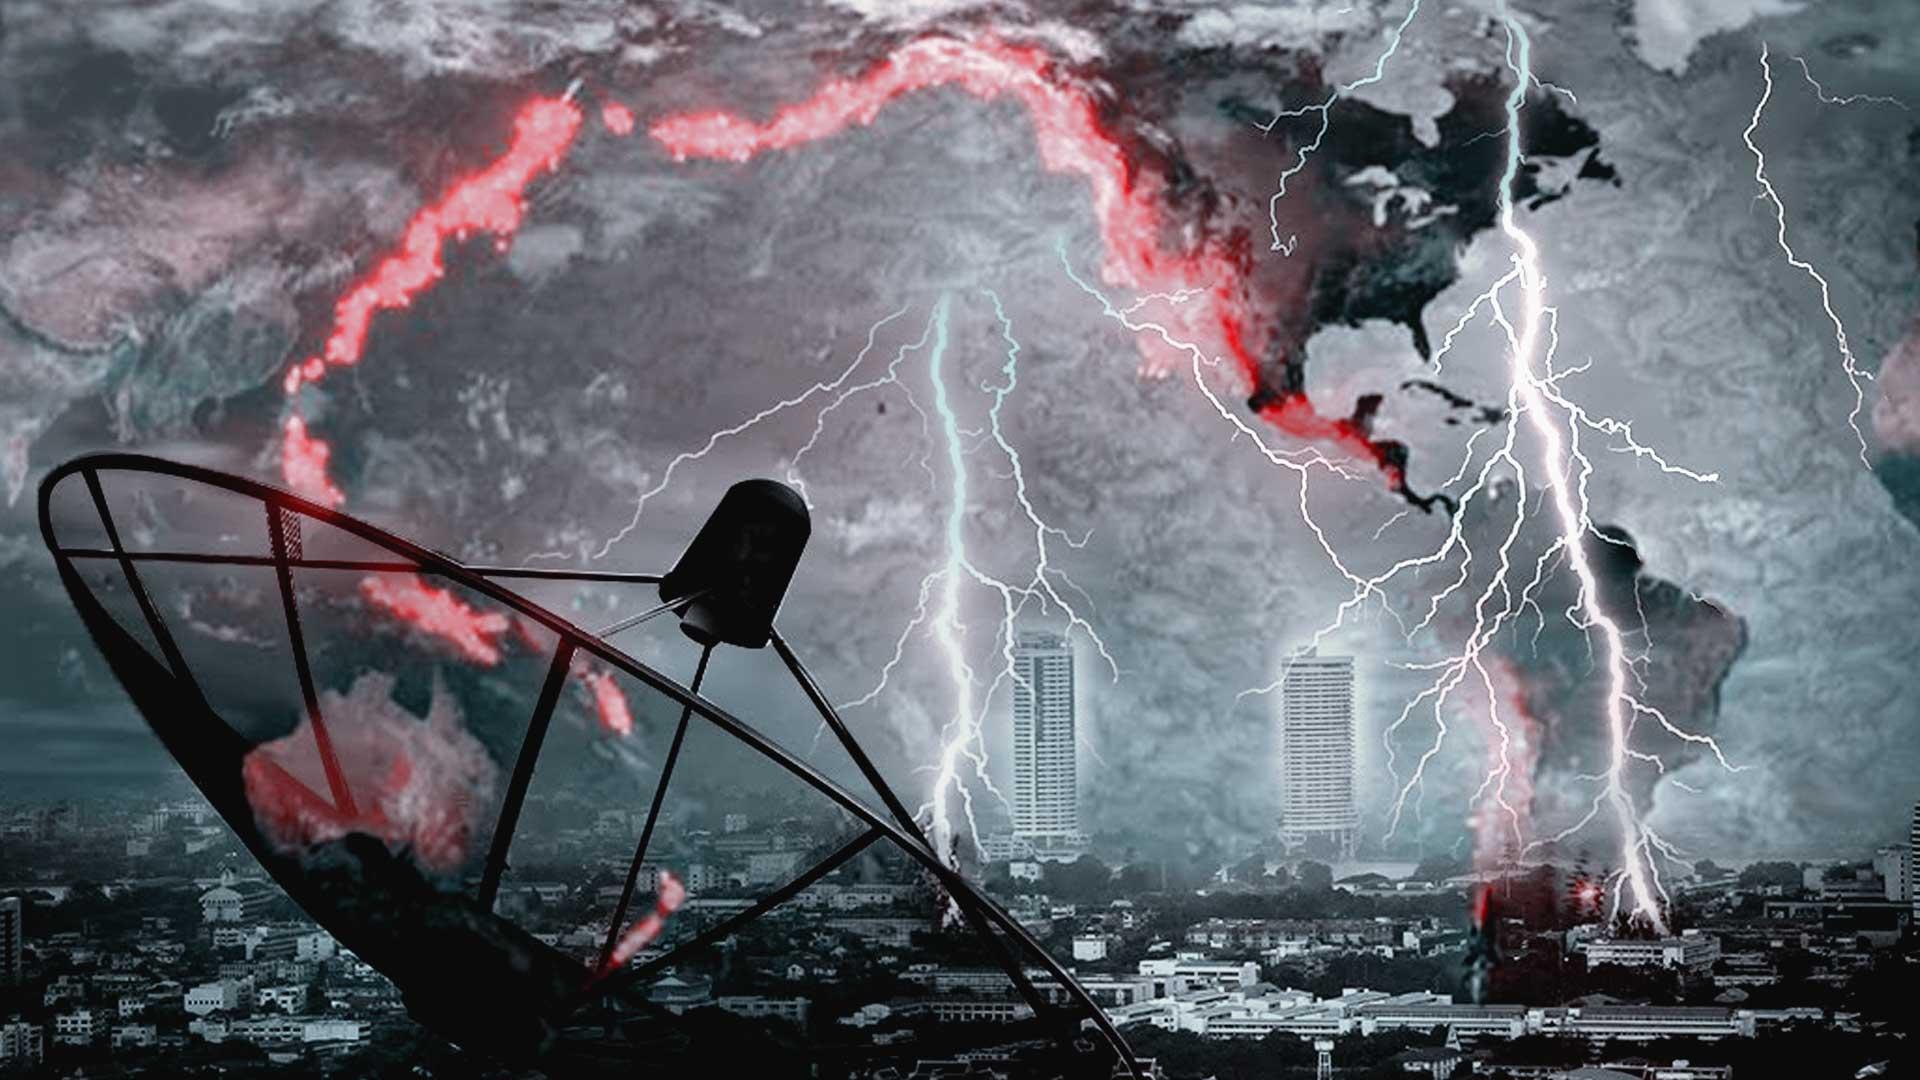 Expertos aseguran que los Volcanes del Cinturón de Fuego están siendo activados por el HAARP